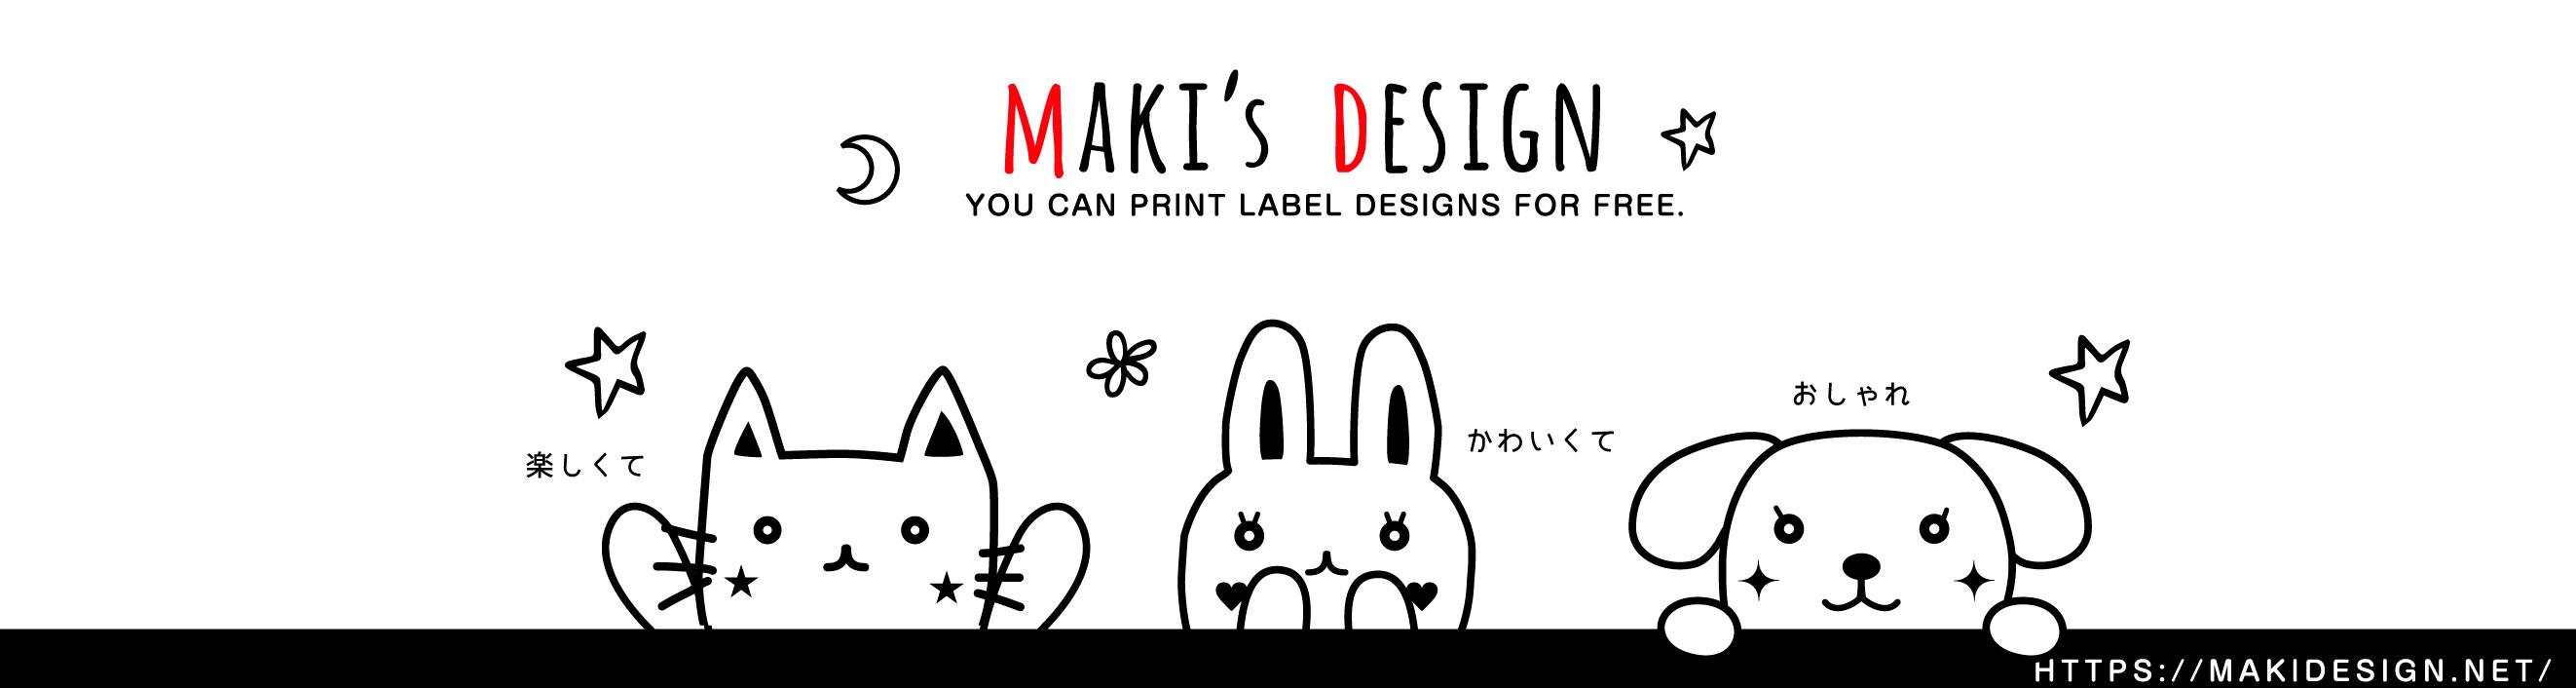 おしゃれ収納ラベル×無料DL | Maki's Design